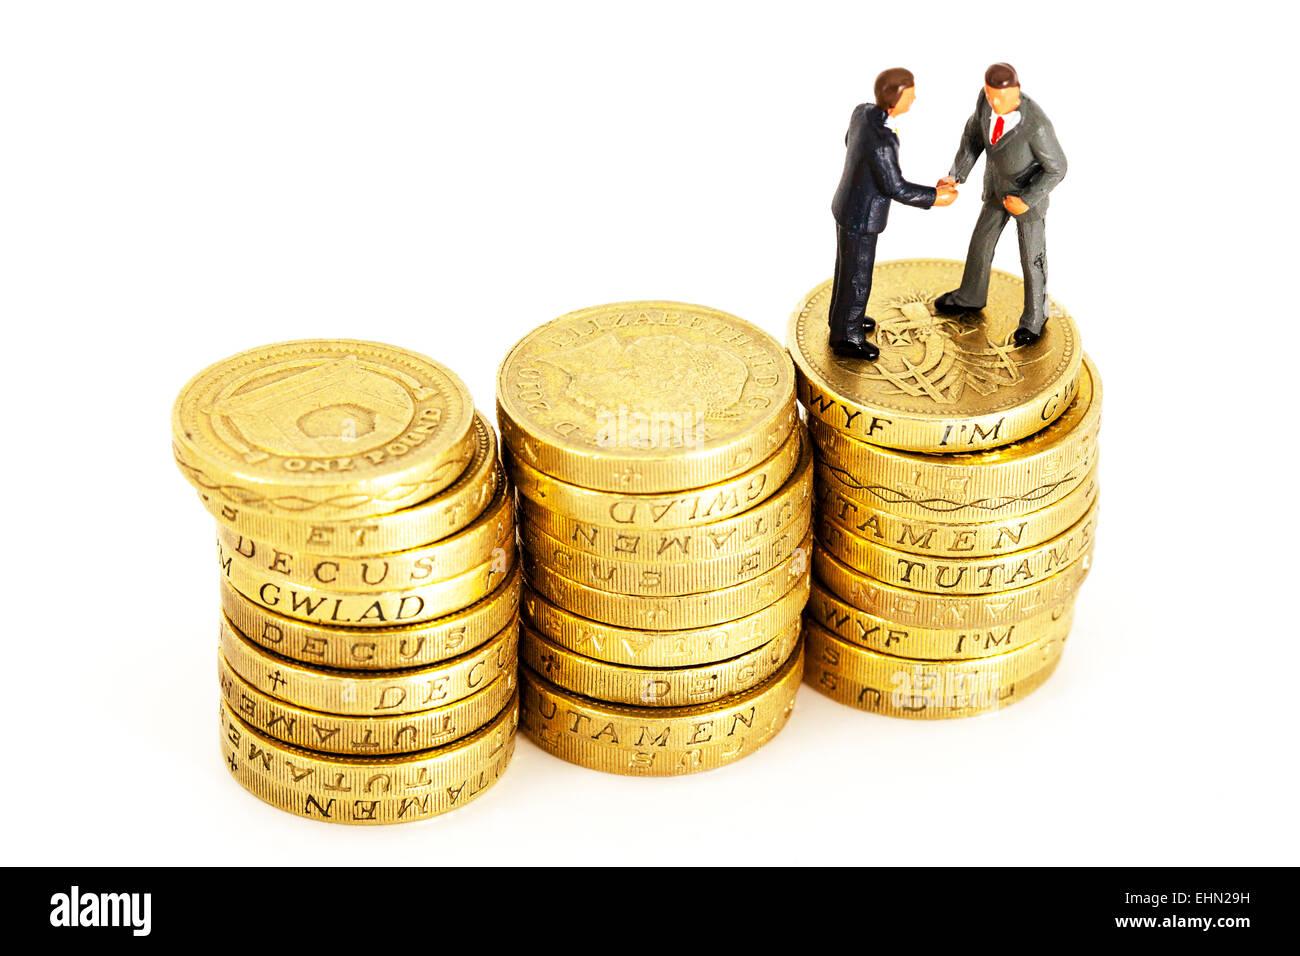 Dinero tratar presupuesto empresarial UK pound coins apila empresarios recortar recorte aislado fondo blanco. Imagen De Stock